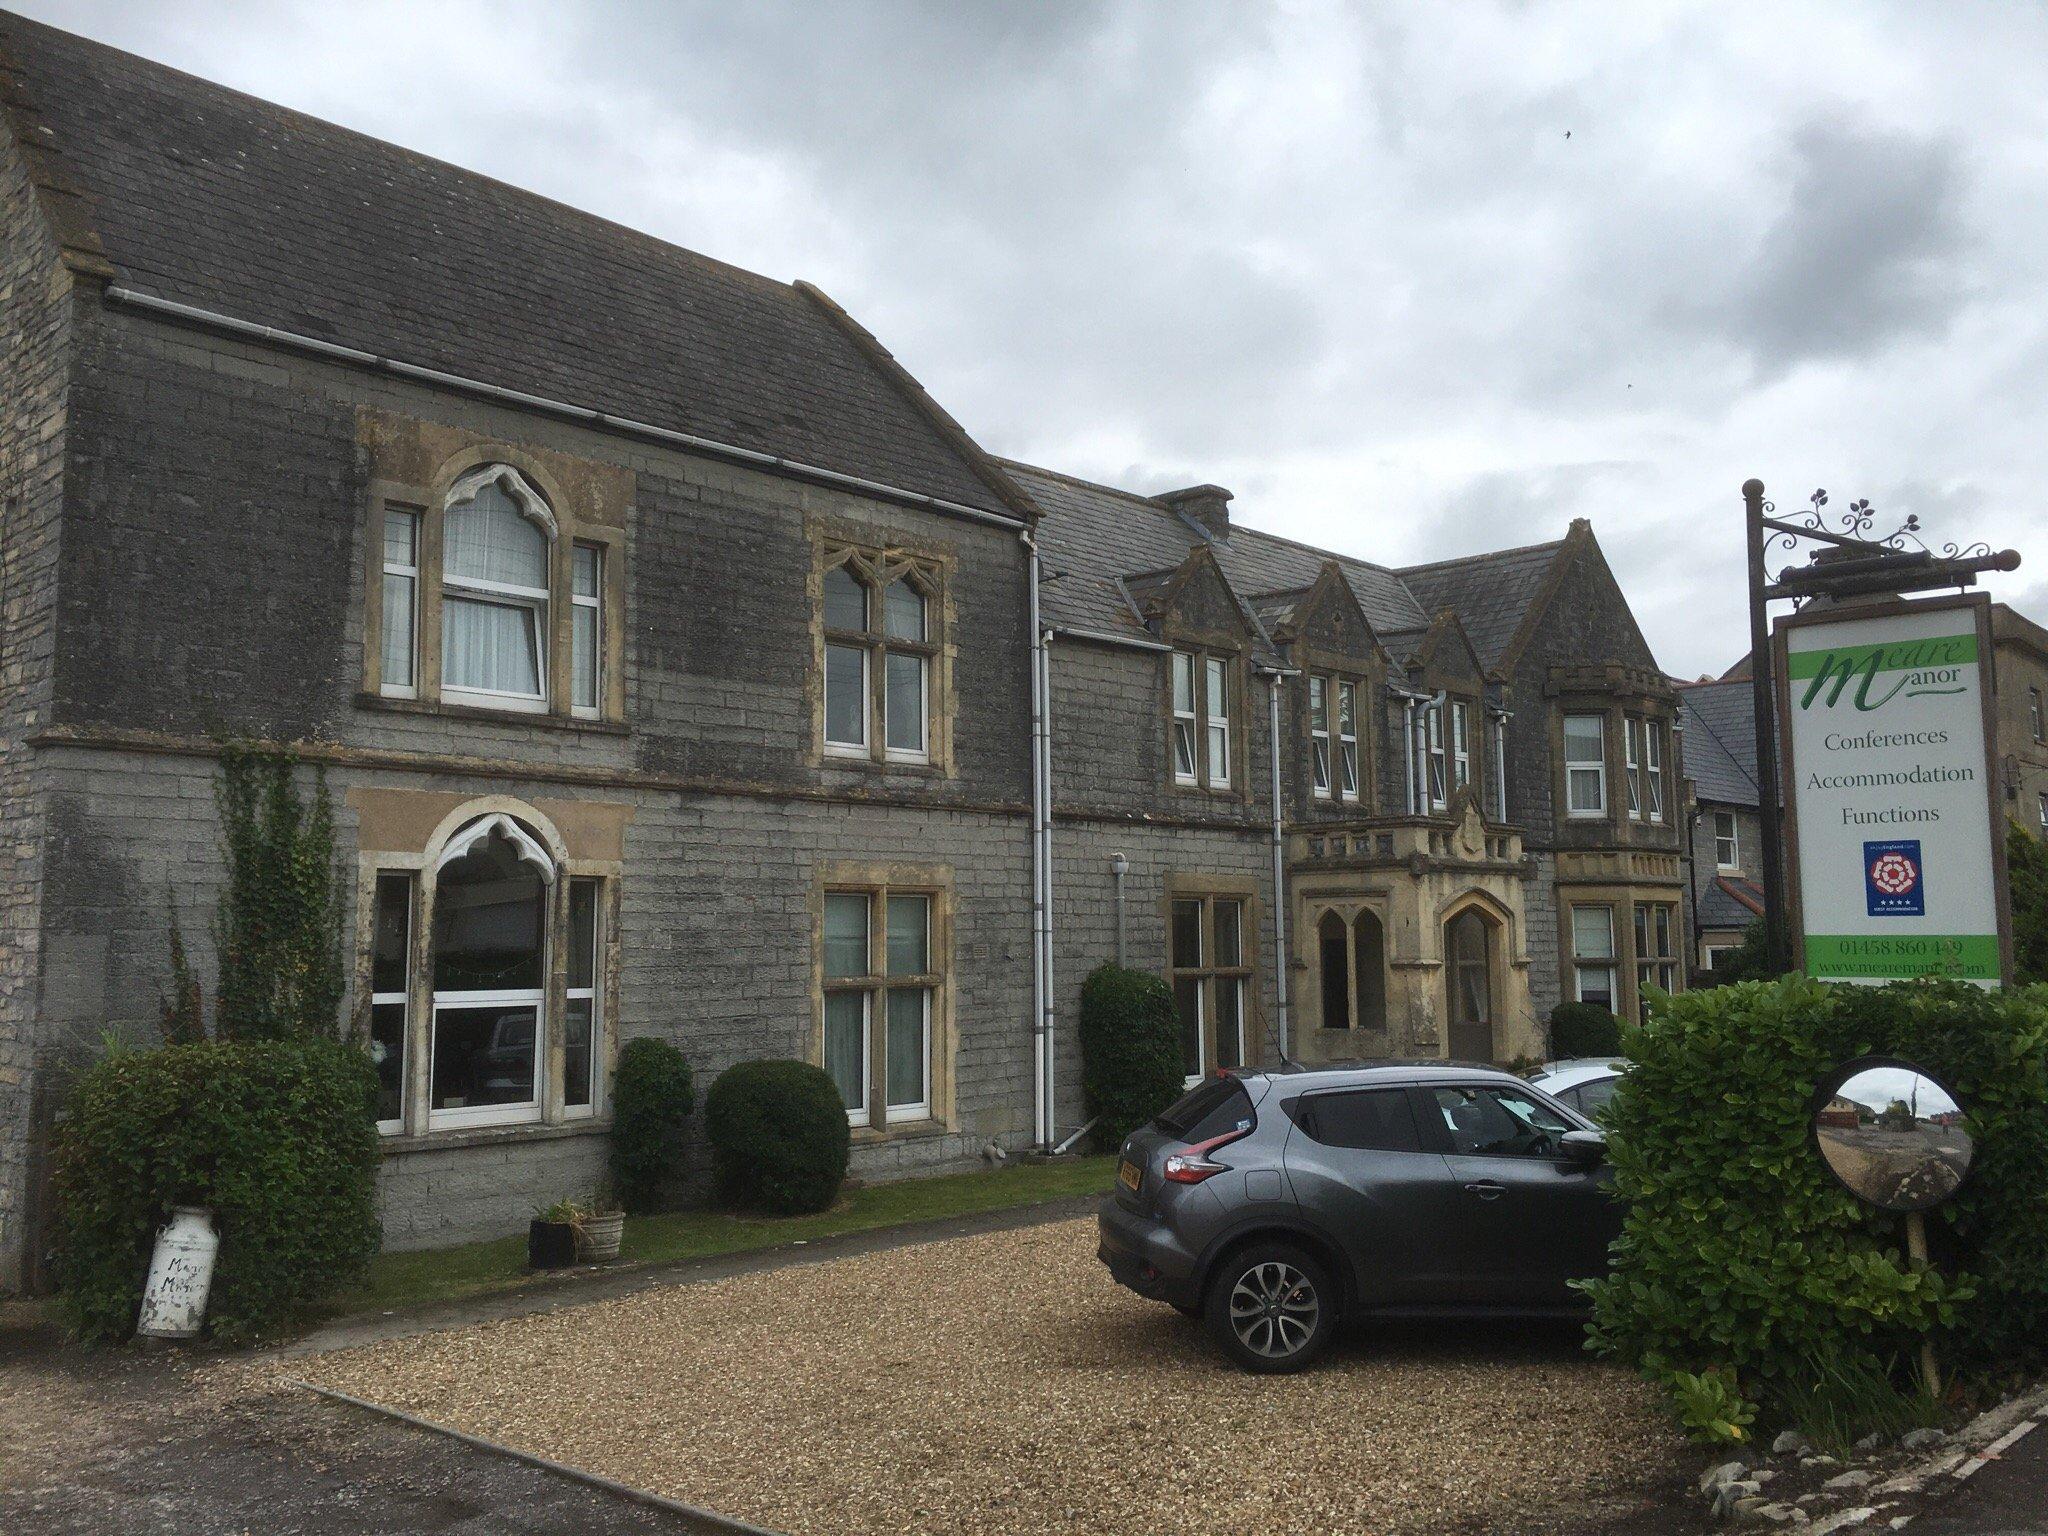 Meare Manor